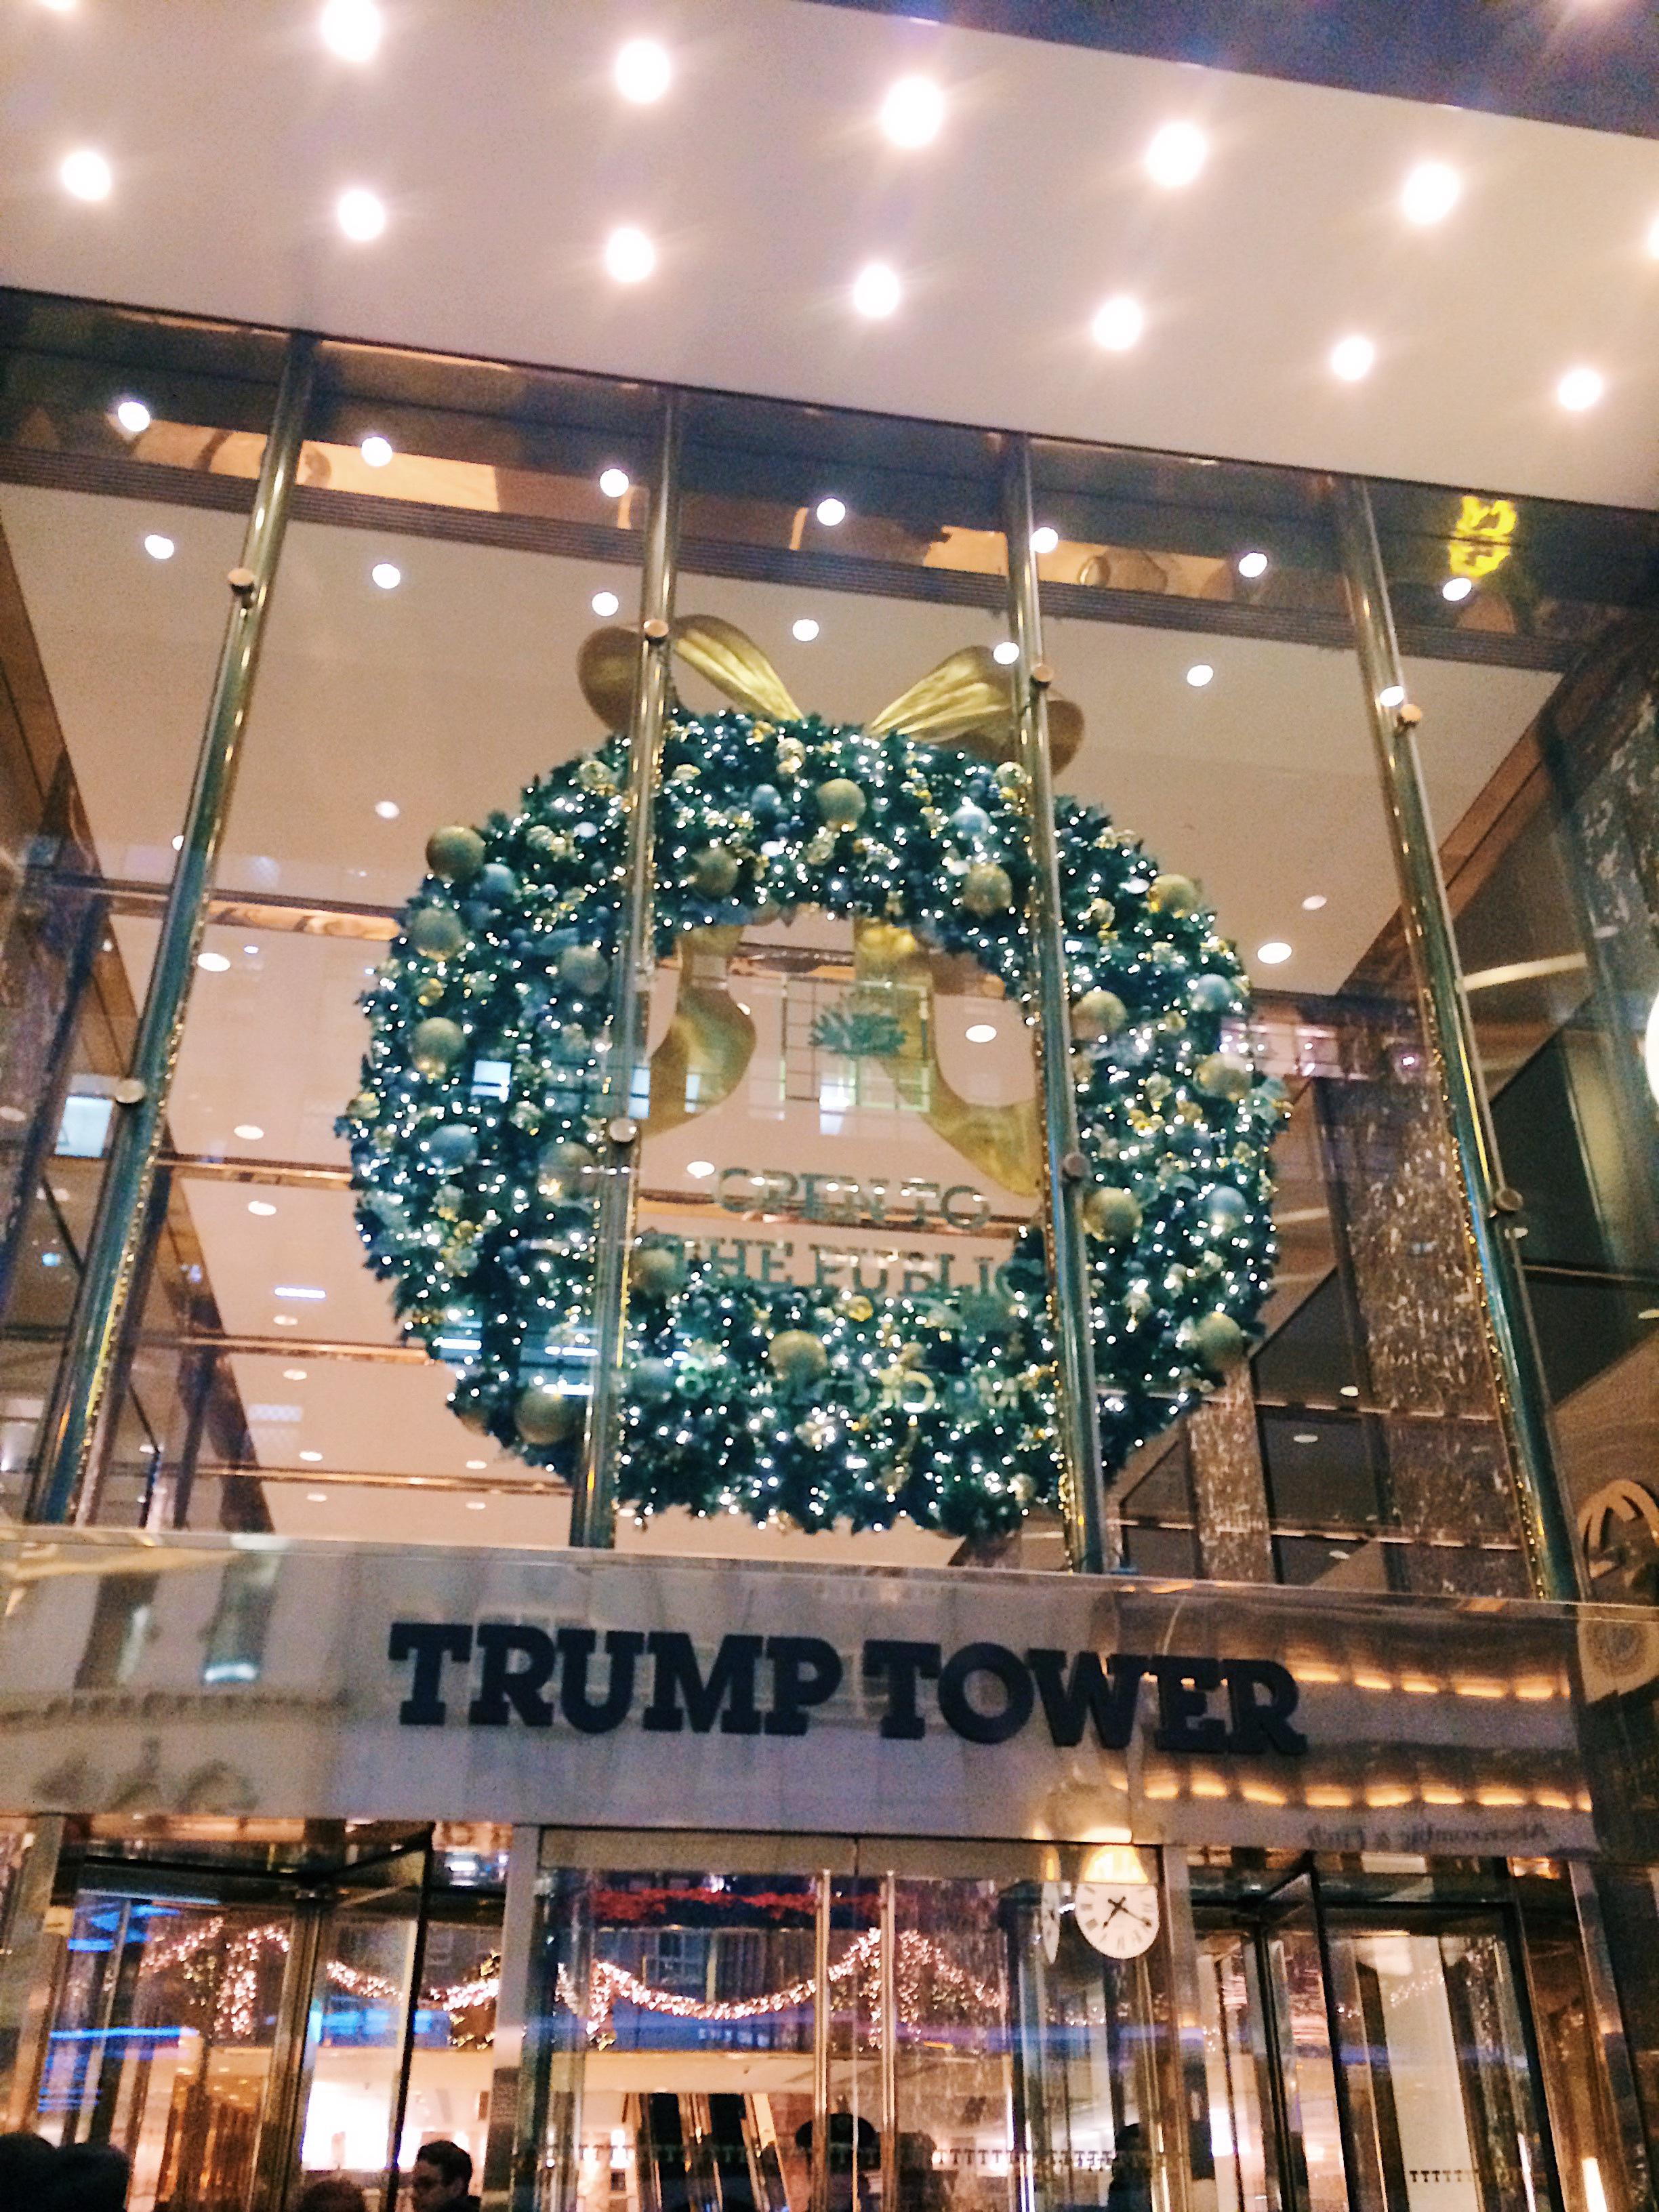 c73661dc 10a2 4a9c b8fc 842e8a0f2441 - Christmas in New York - ホリデーシーズンのニューヨーク 街に溢れるクリスマスイルミネーション